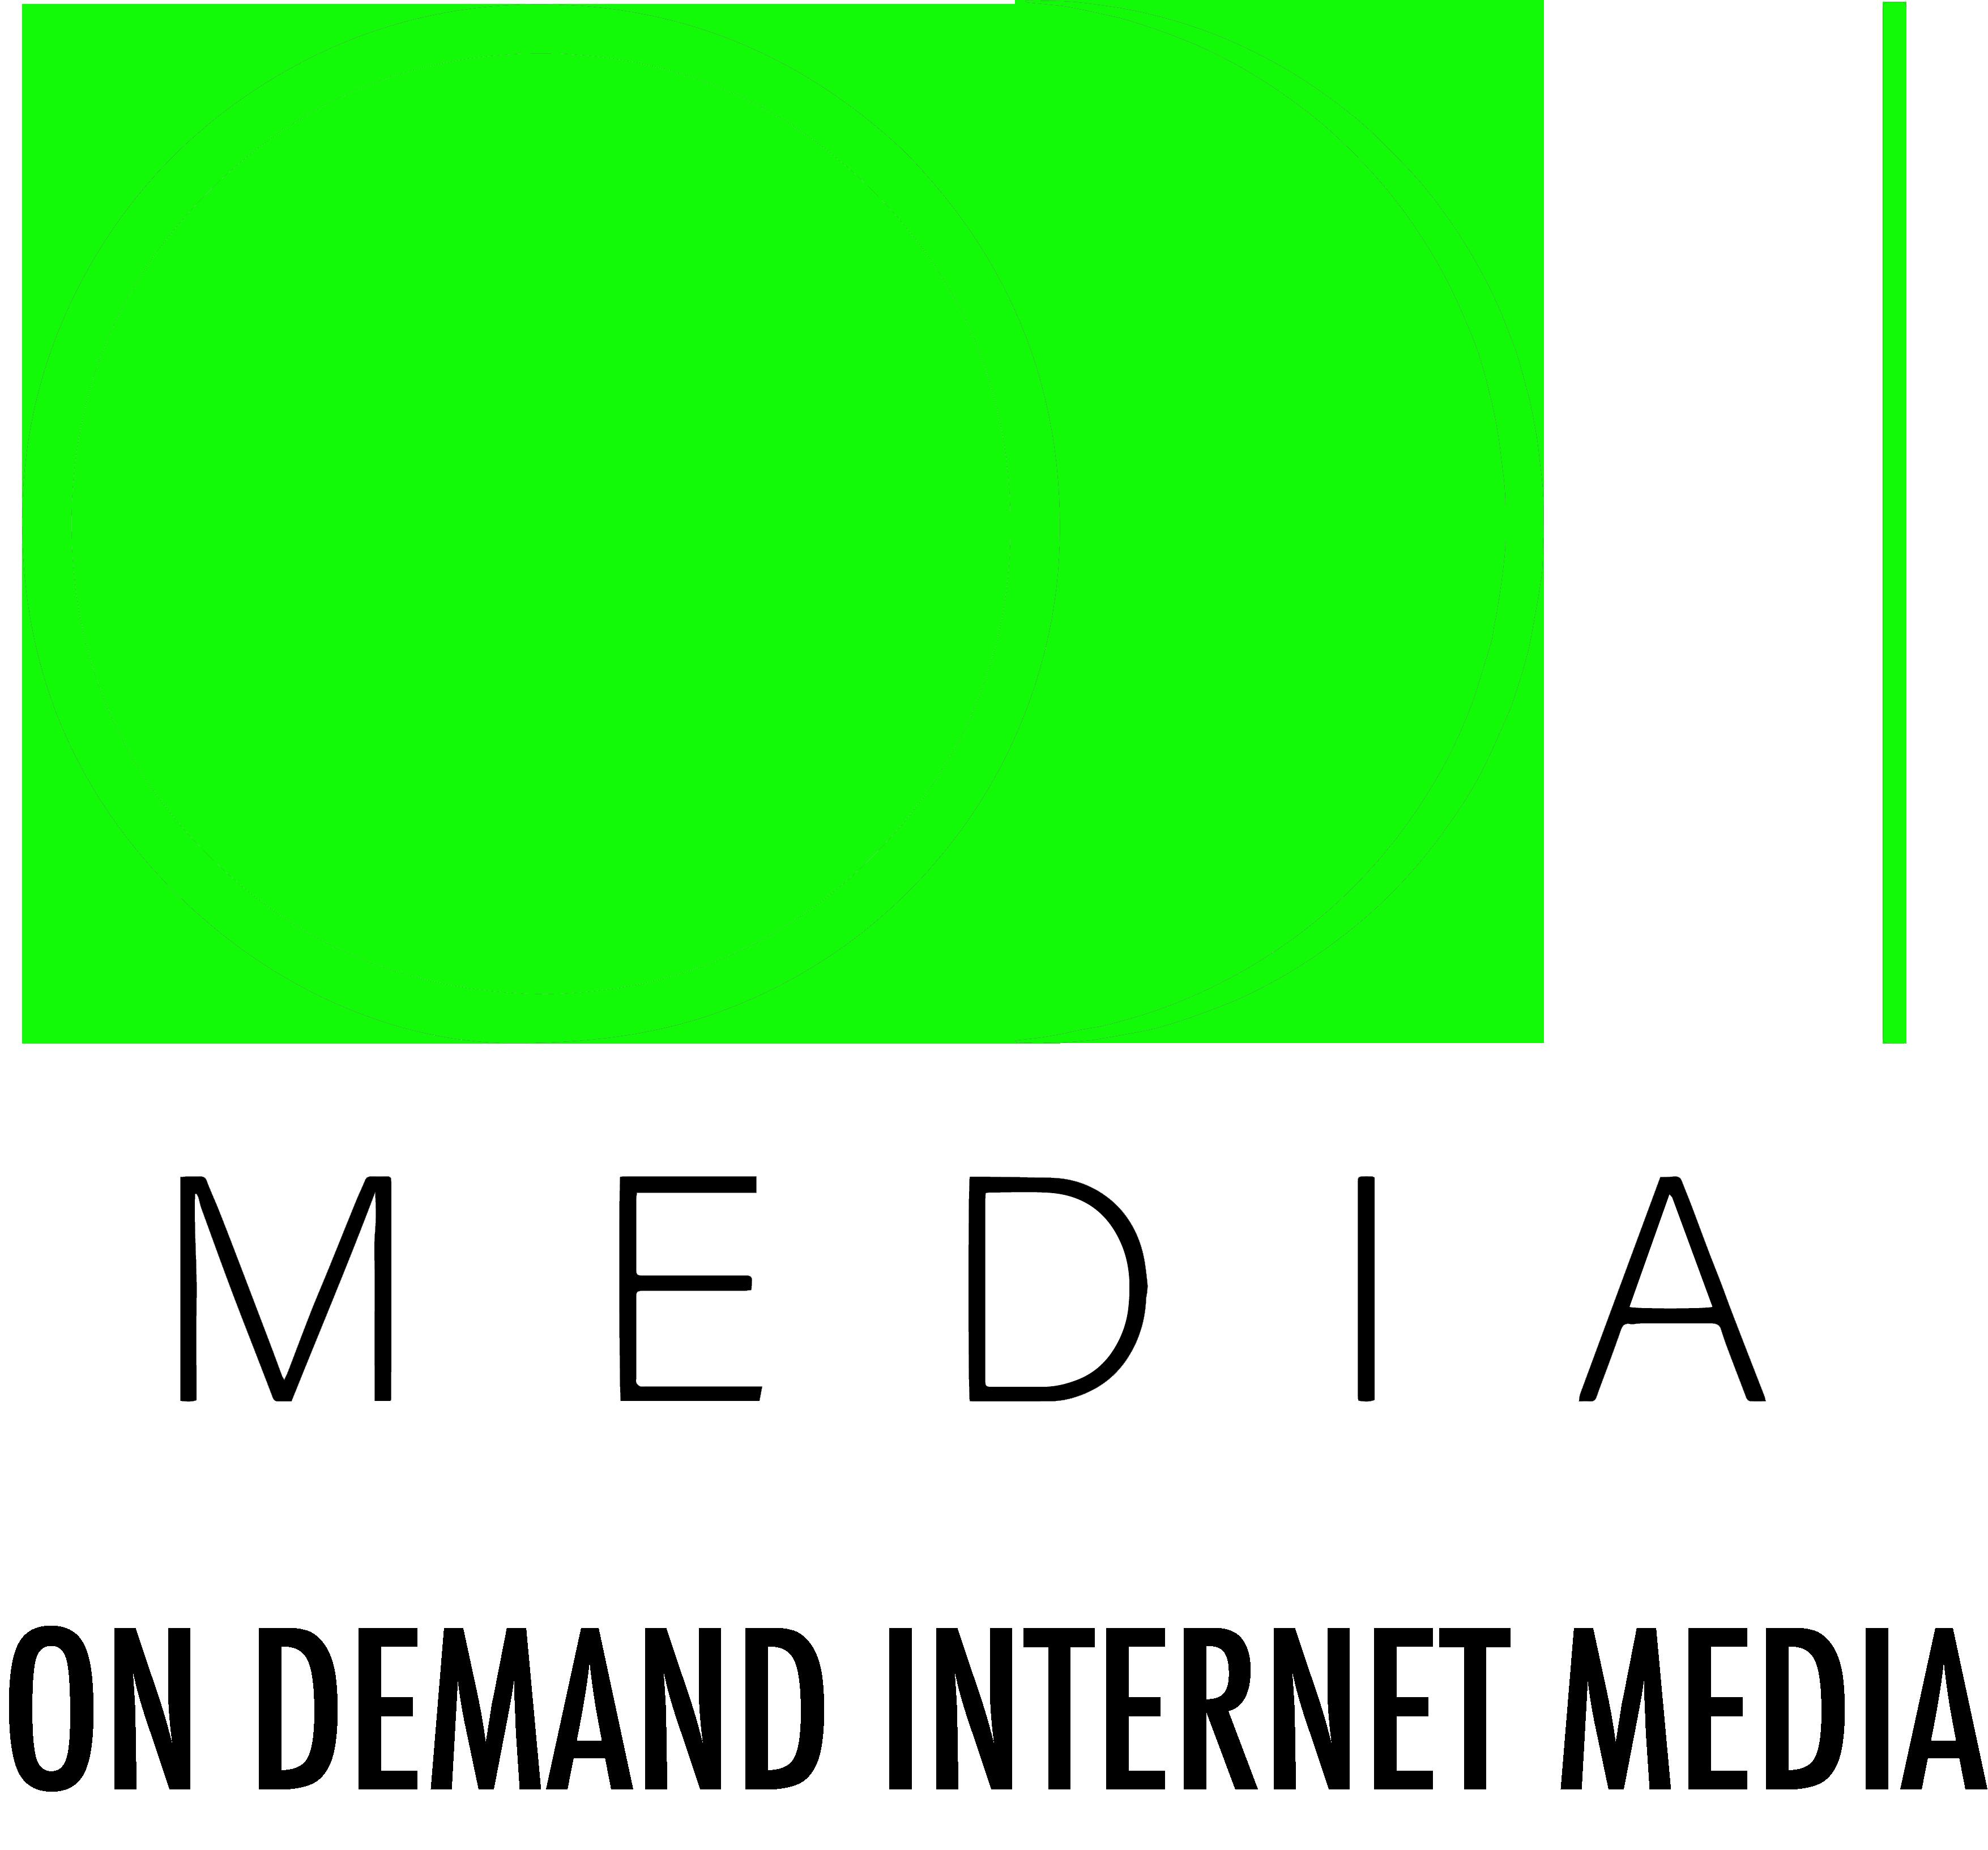 ODI Media